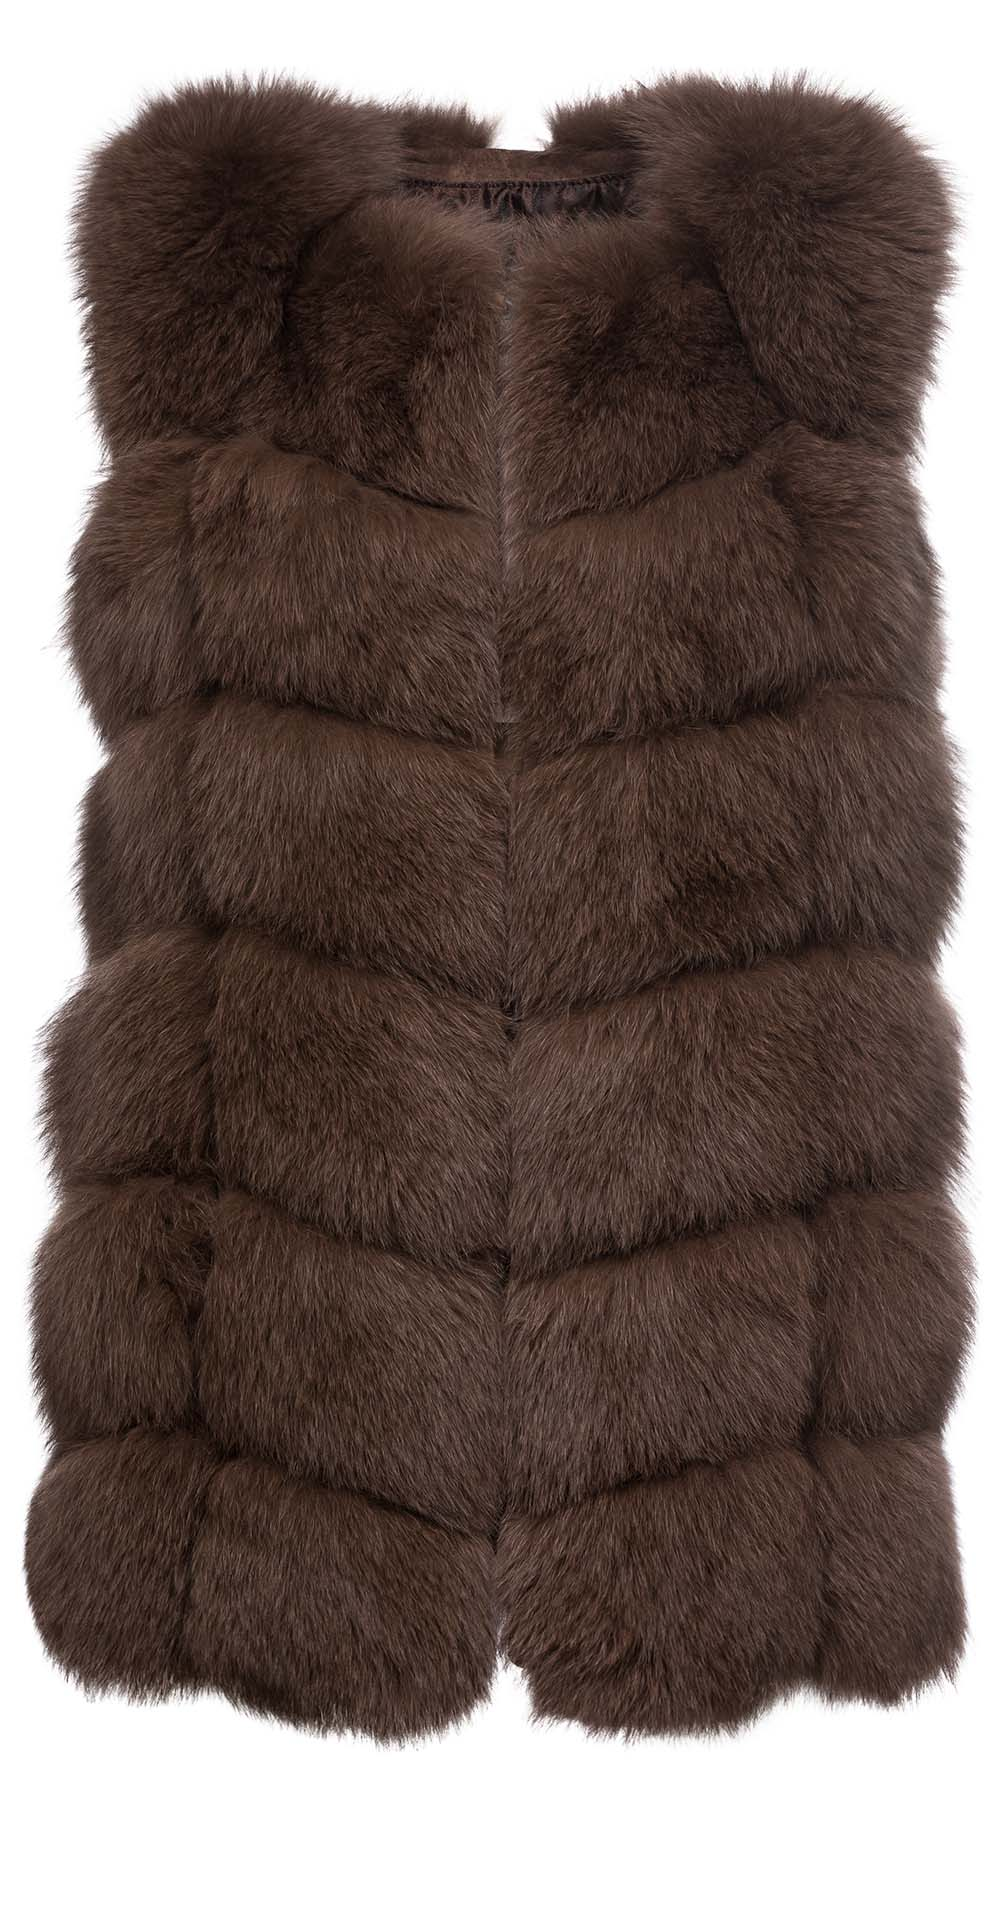 Жилет из меха песца, цвет: Светло-коричневый - купить за 39800 в магазине - Гипермаркет меха